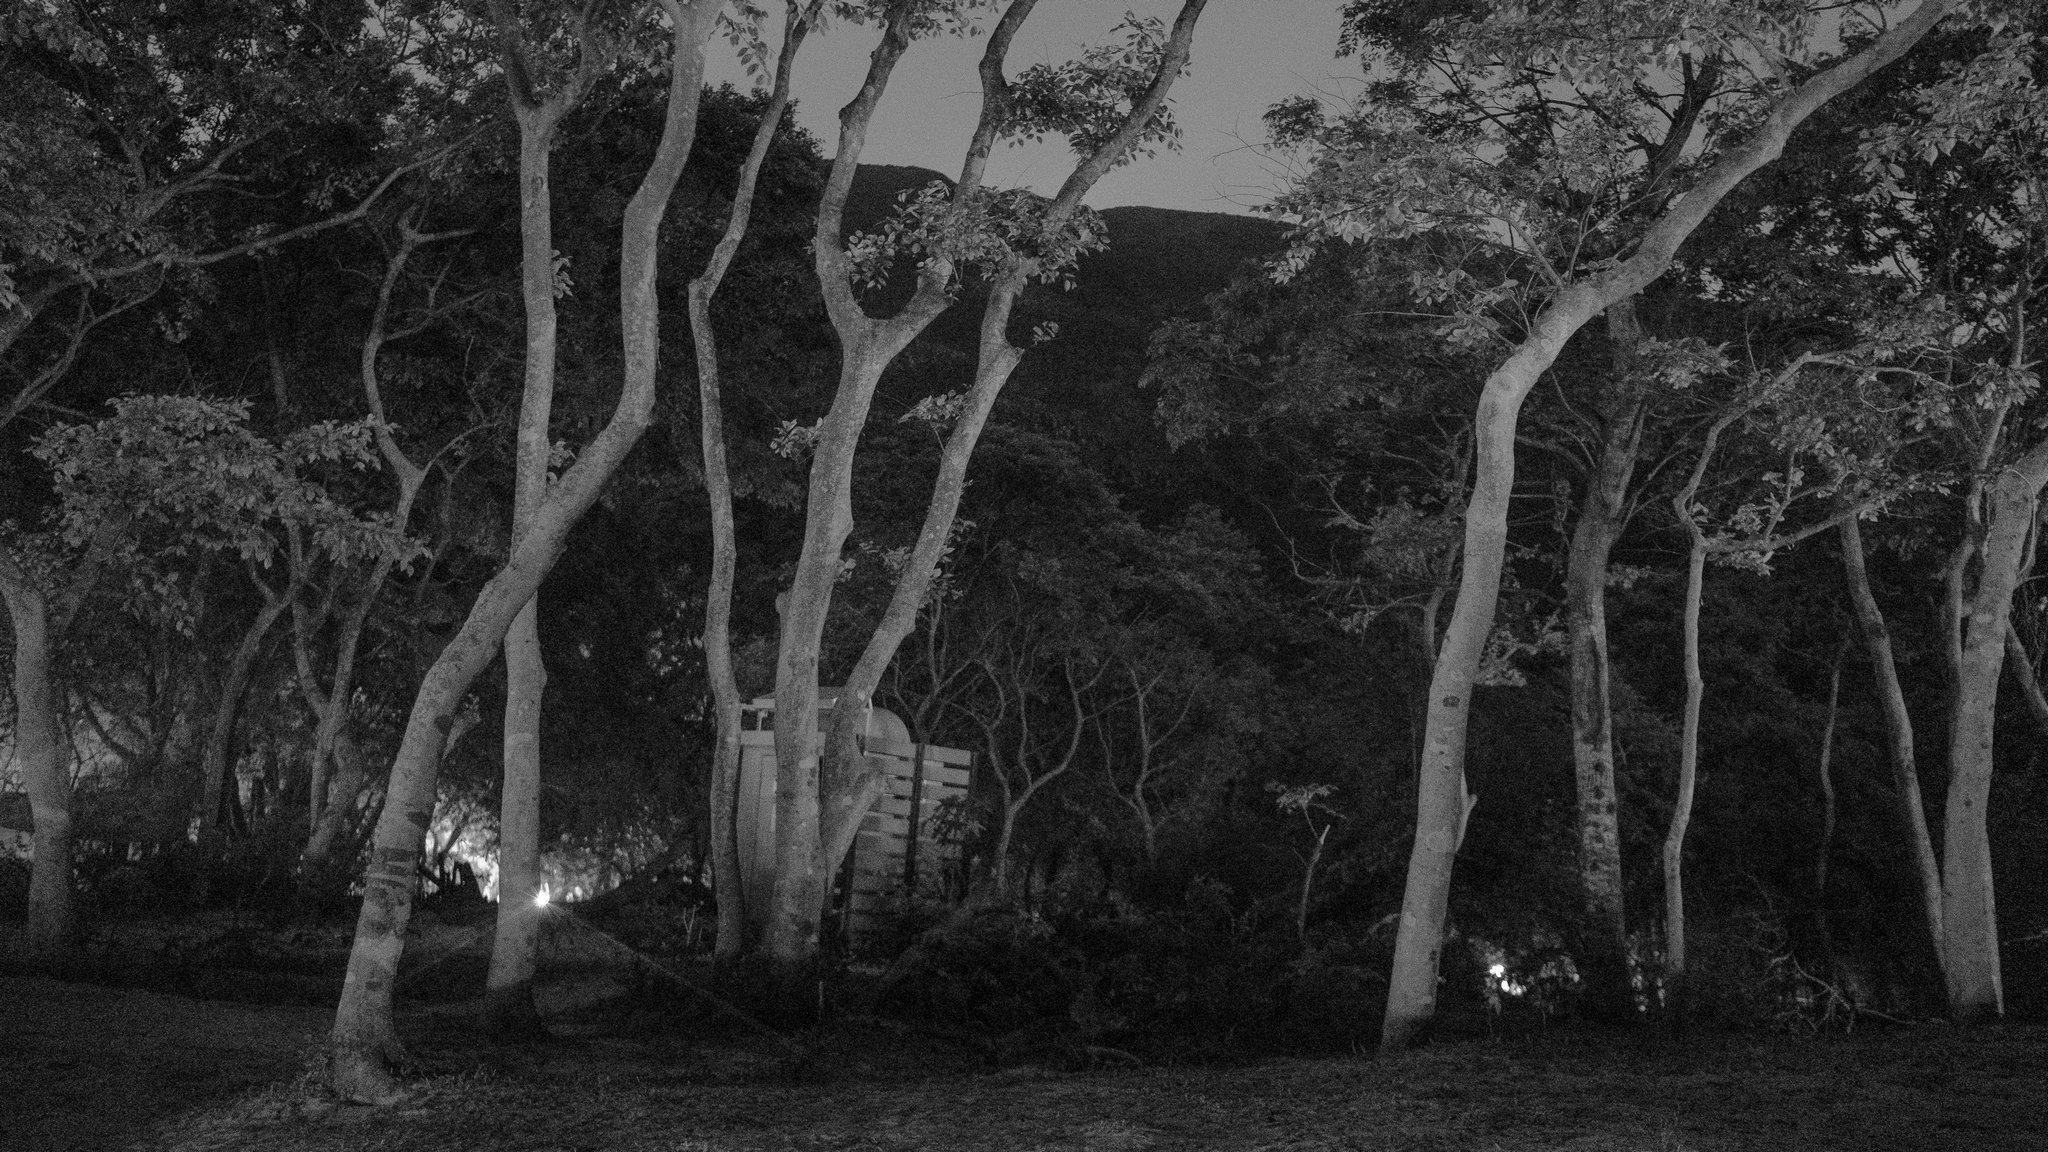 36. Hunting in the Dark